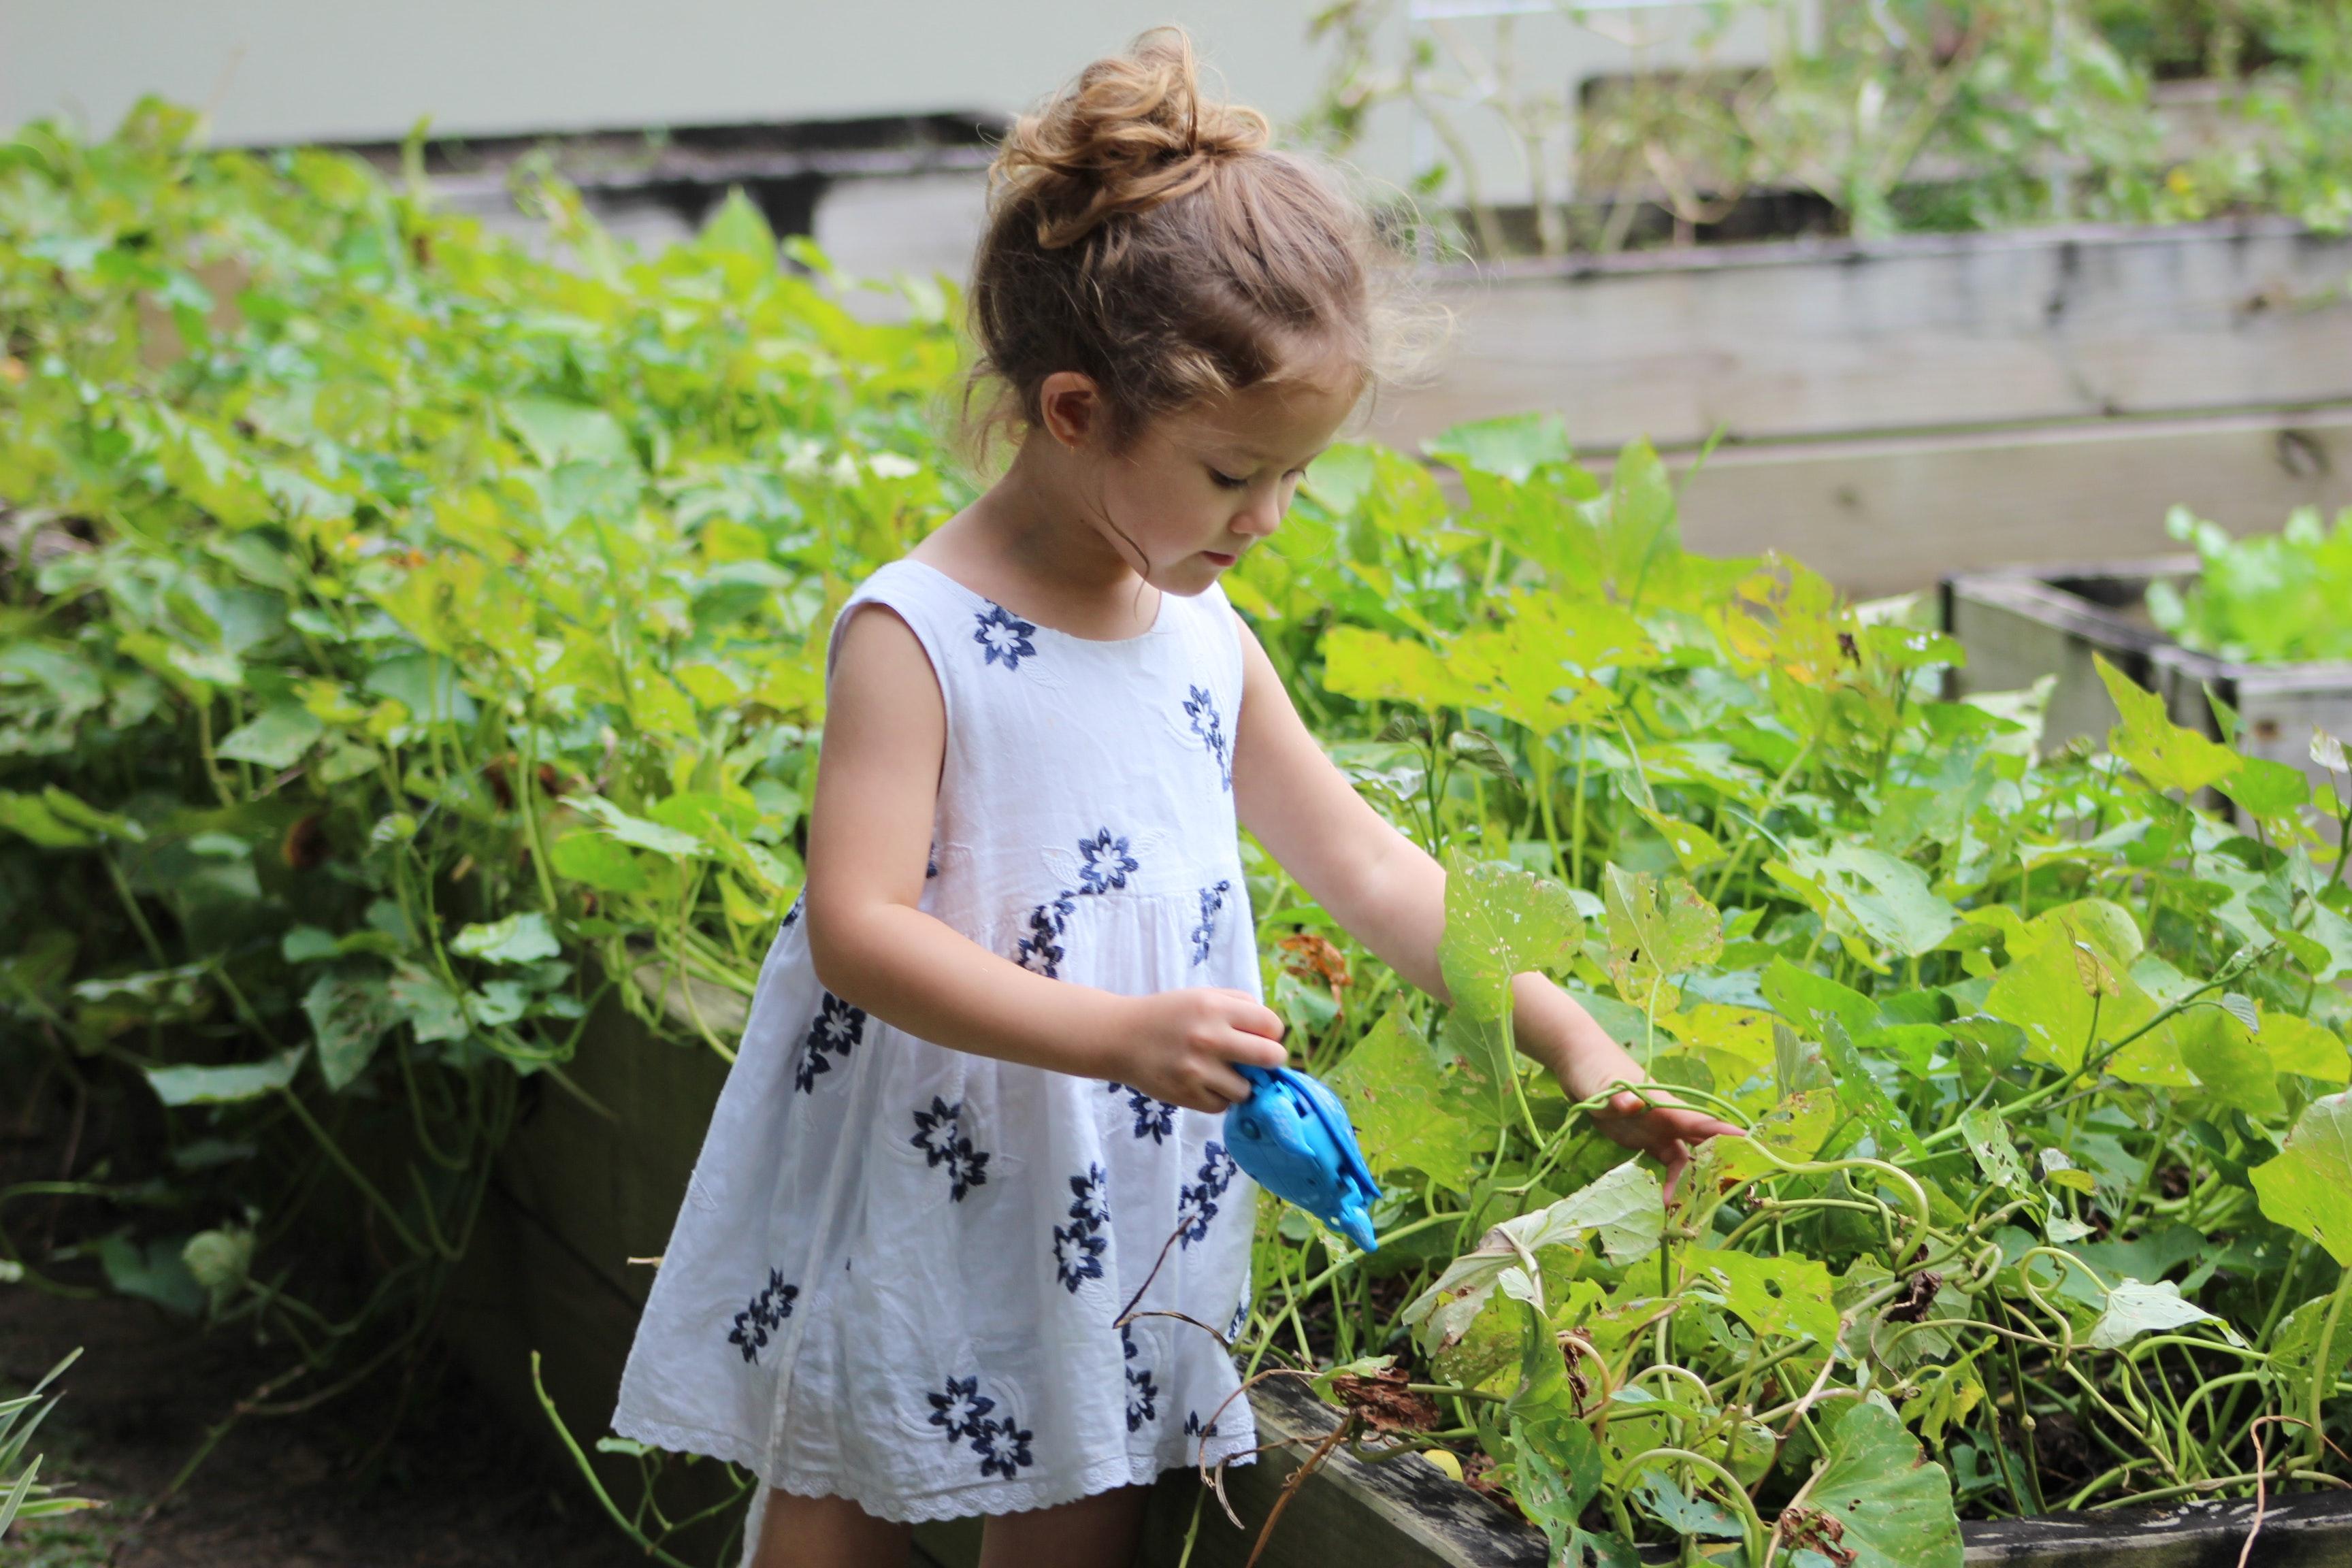 Wir von Travall lieben Natur und Tiere. Deshalb möchten wir in diesem Beitrag Ideen zum nachhaltigen Gärtnern vorstellen. Das Kind im Bild spielt mit einer kleinen Gießkanne im Beet. Die Eltern haben ein grünes Gewissen und verwenden weder Kunstdünger noch Pestizide. © Pexels.com